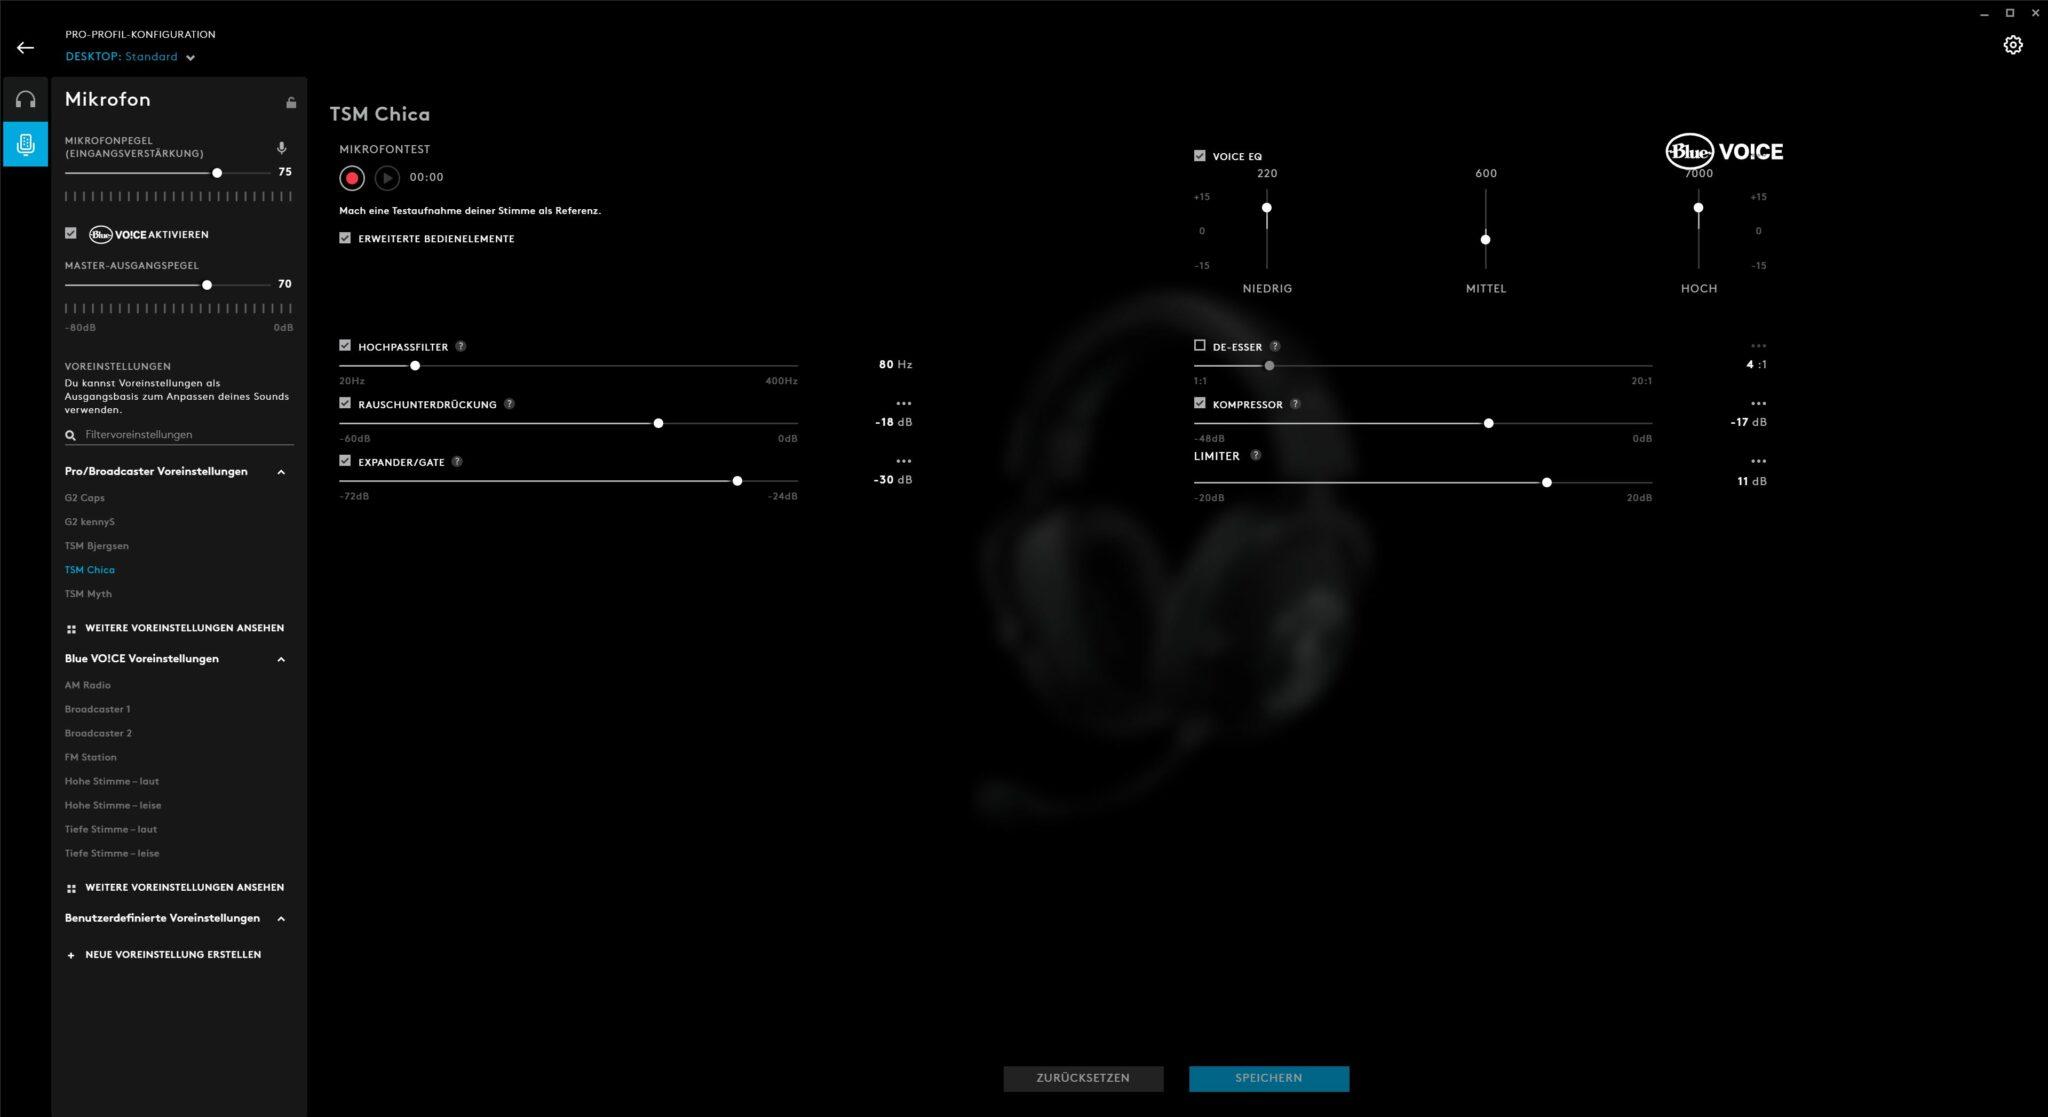 Logitech Pro X Wireless Gaming-Headset Software G Hub Mikrofon